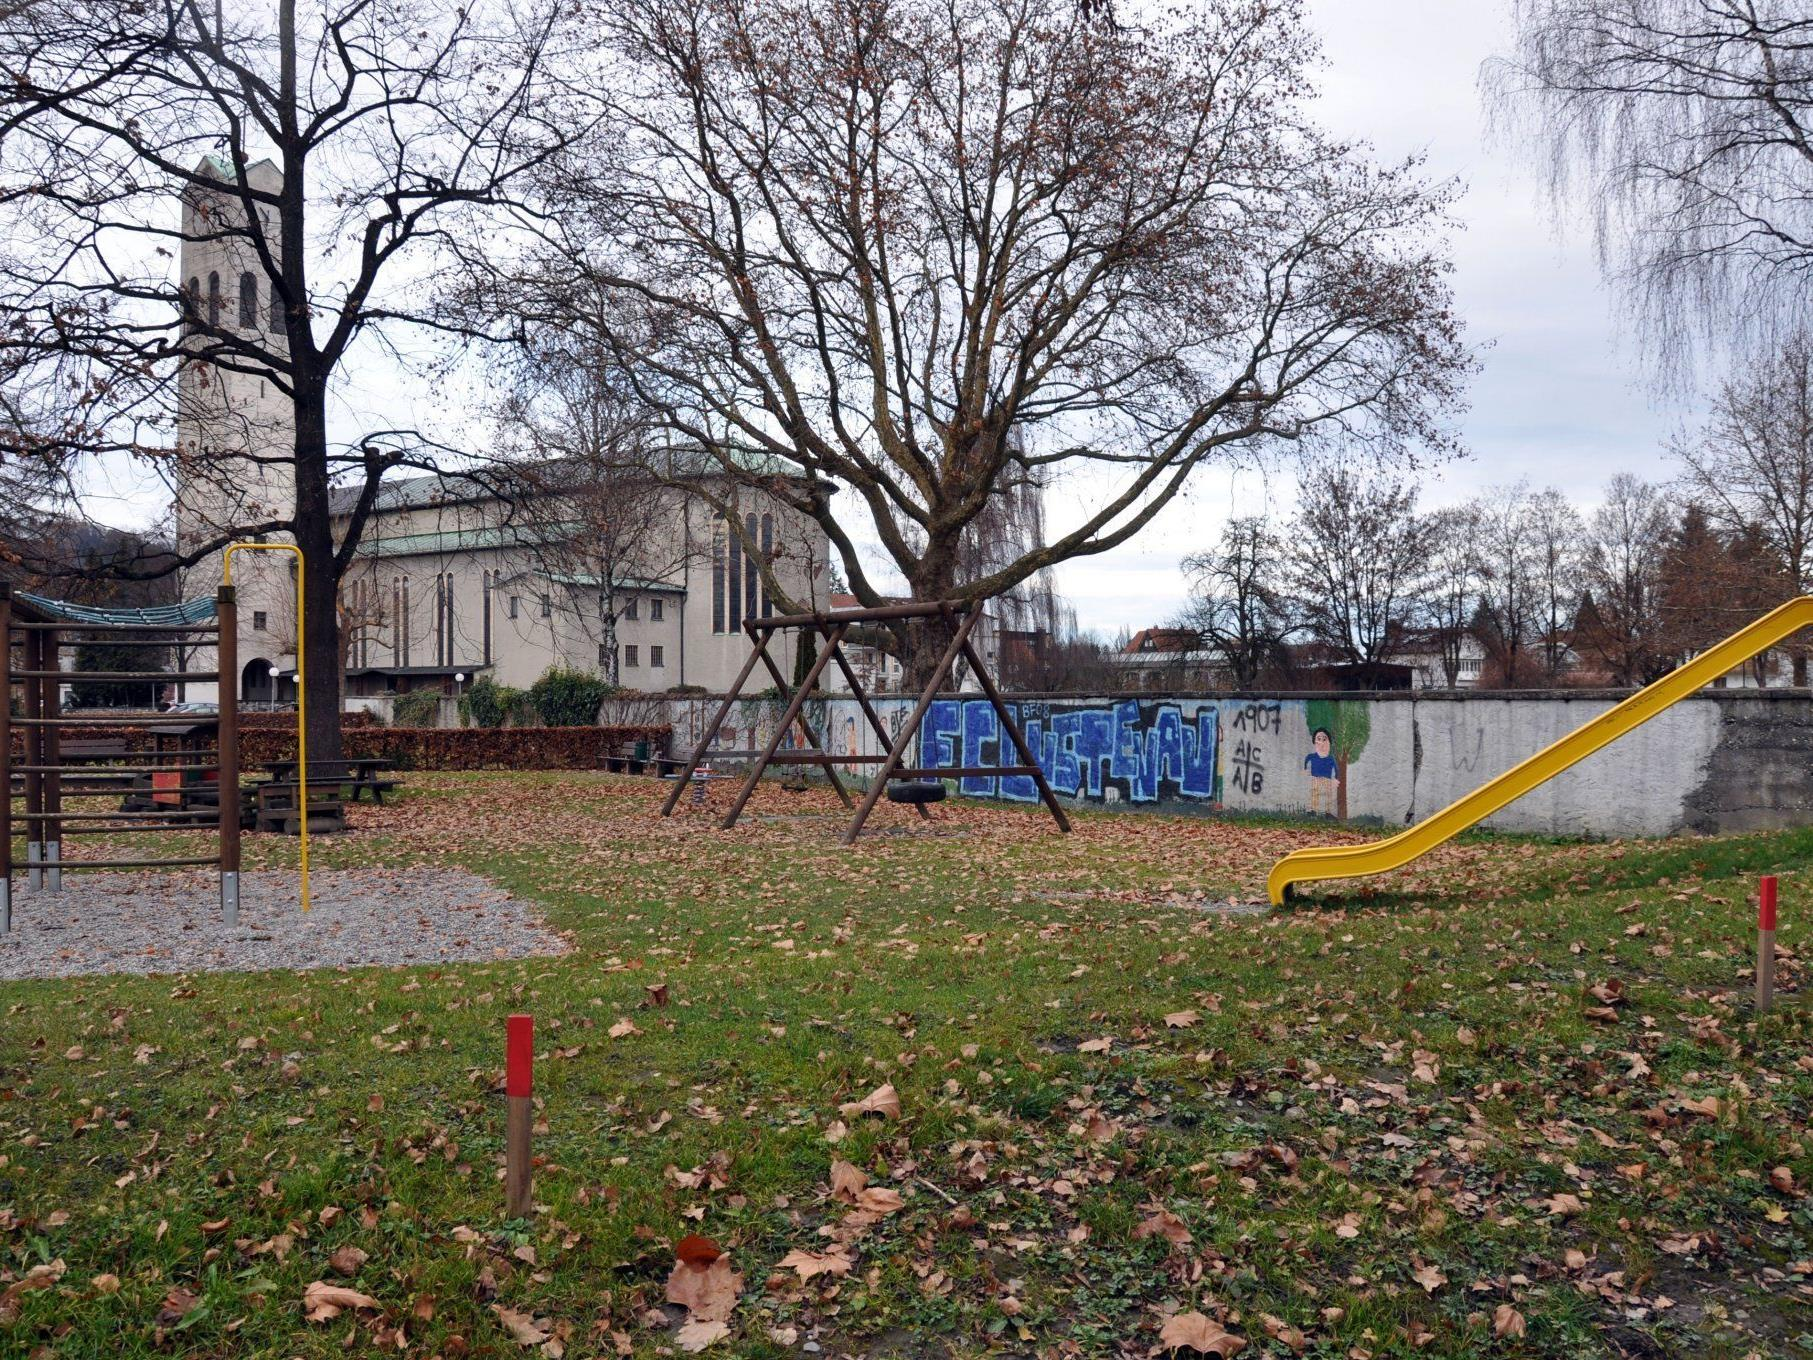 Am Standort des jetzigen Kinderspielplatzes wird der neue Kindergarten Rheindorf gebaut.